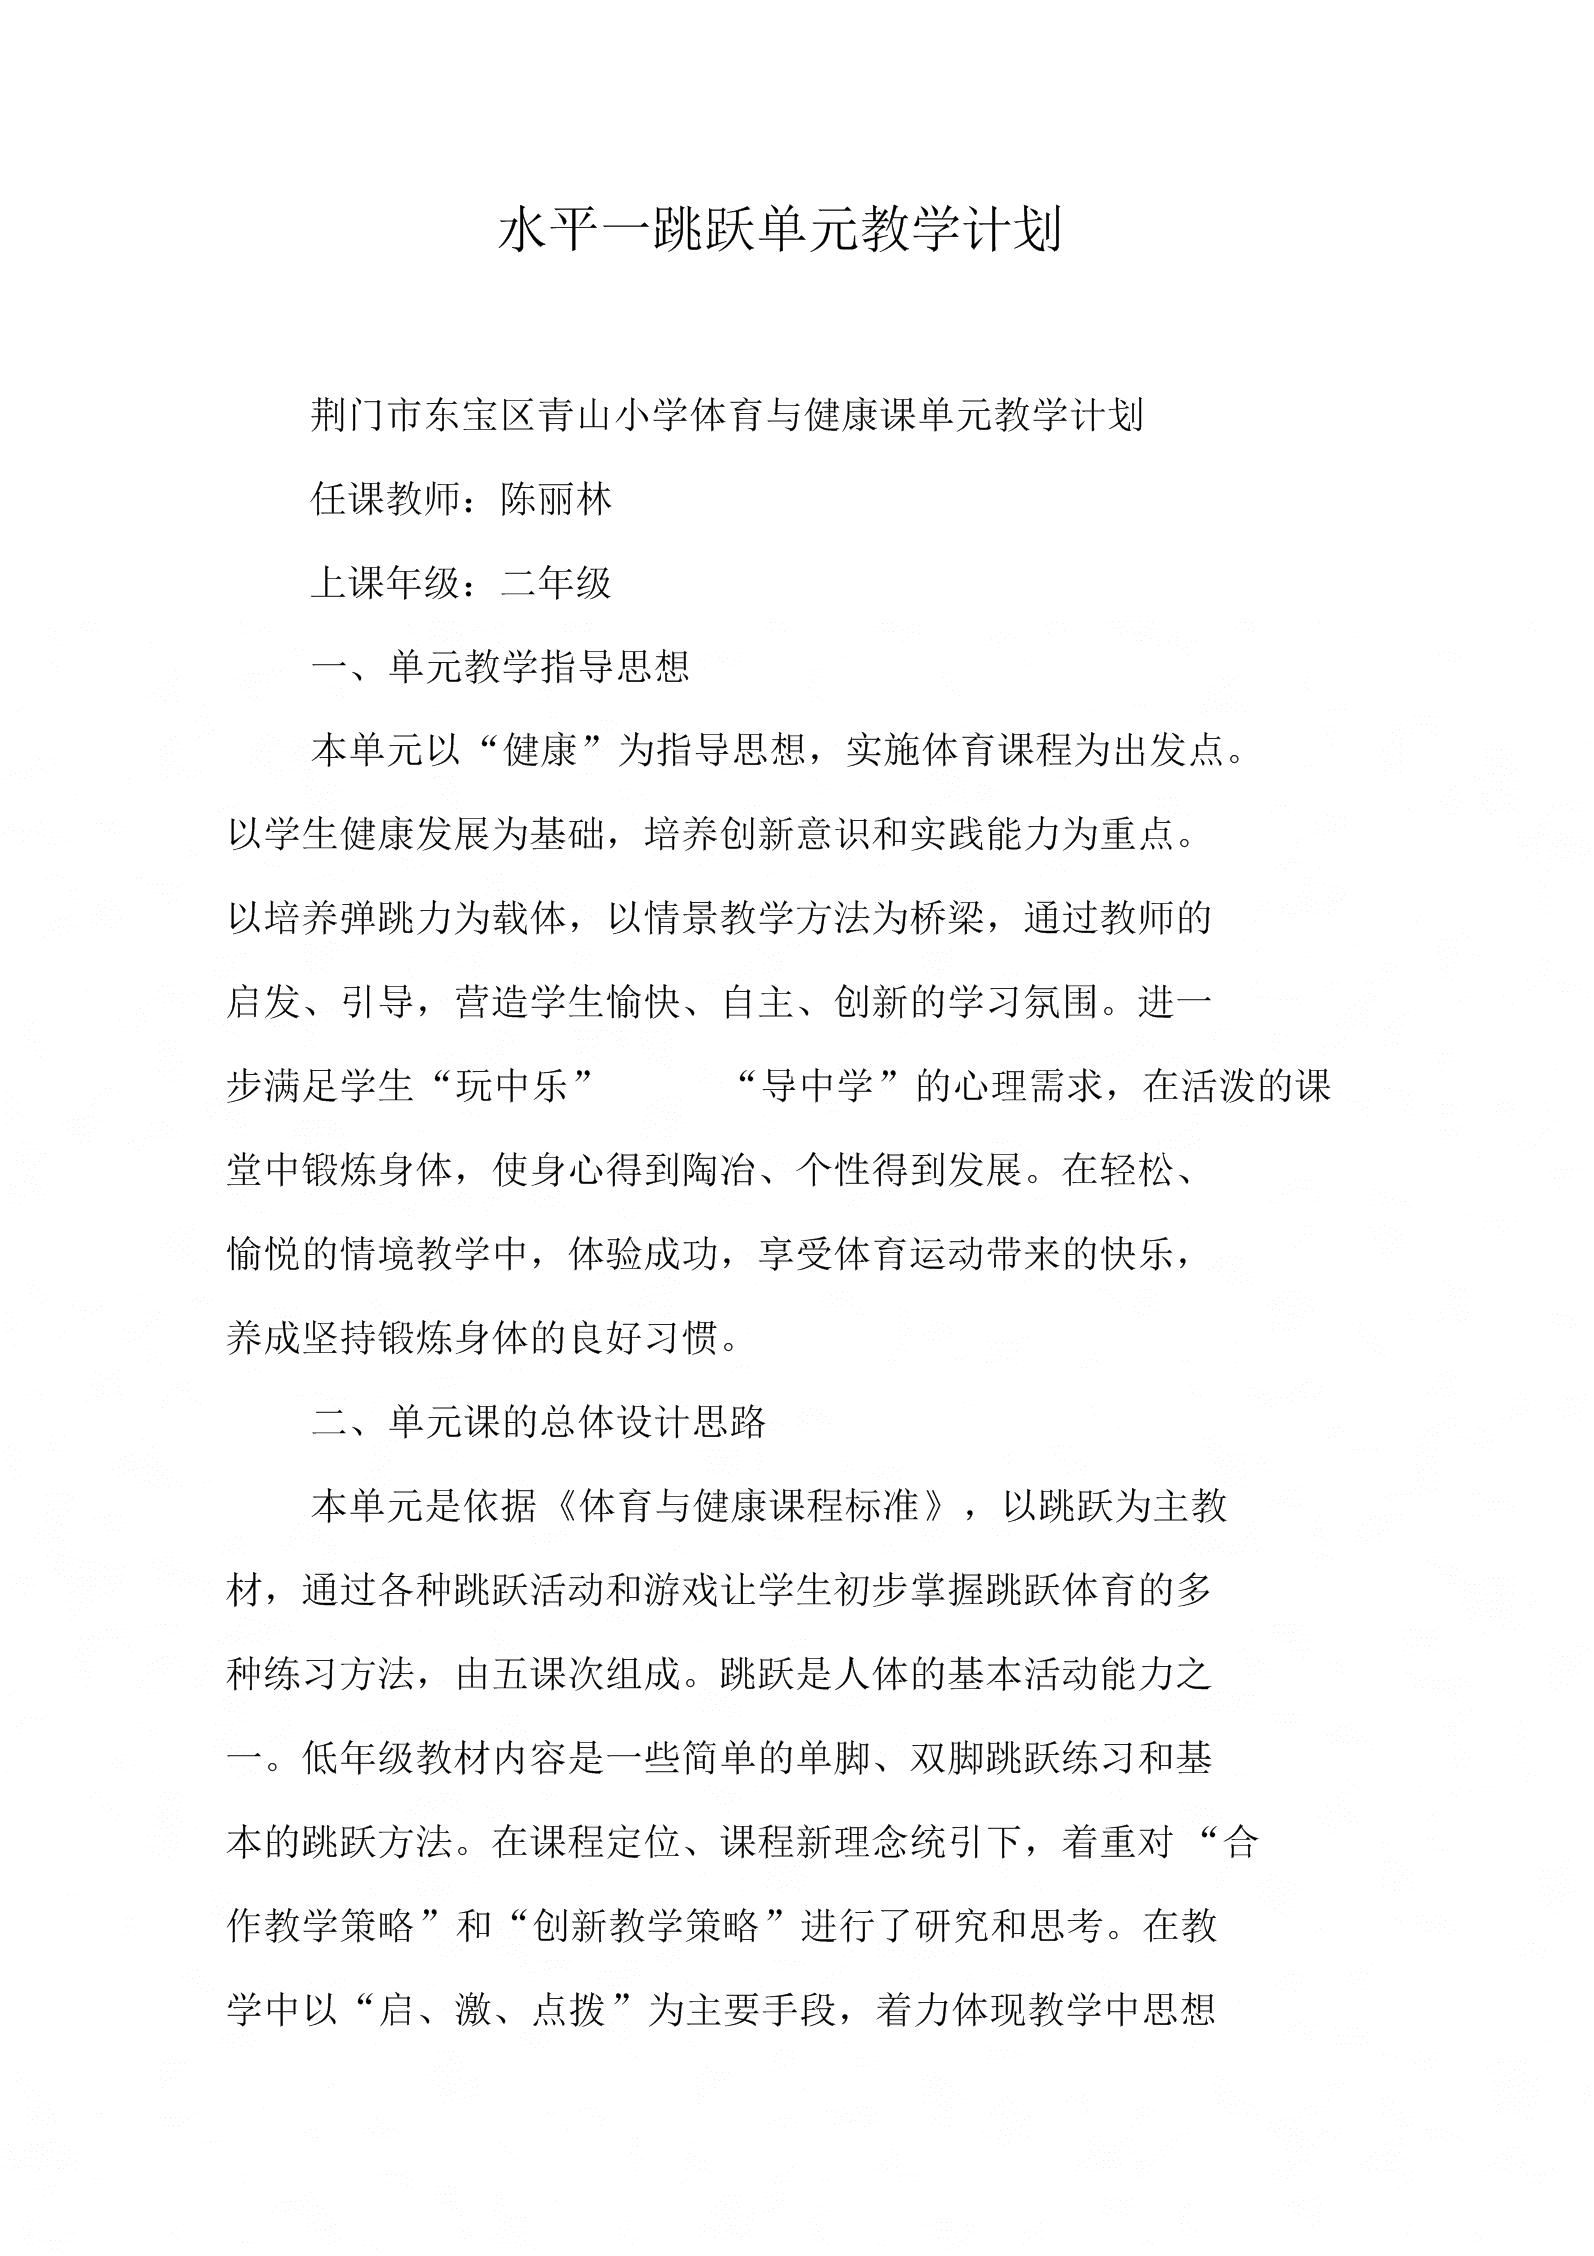 《水平一跳跃单元教学计划》.docx